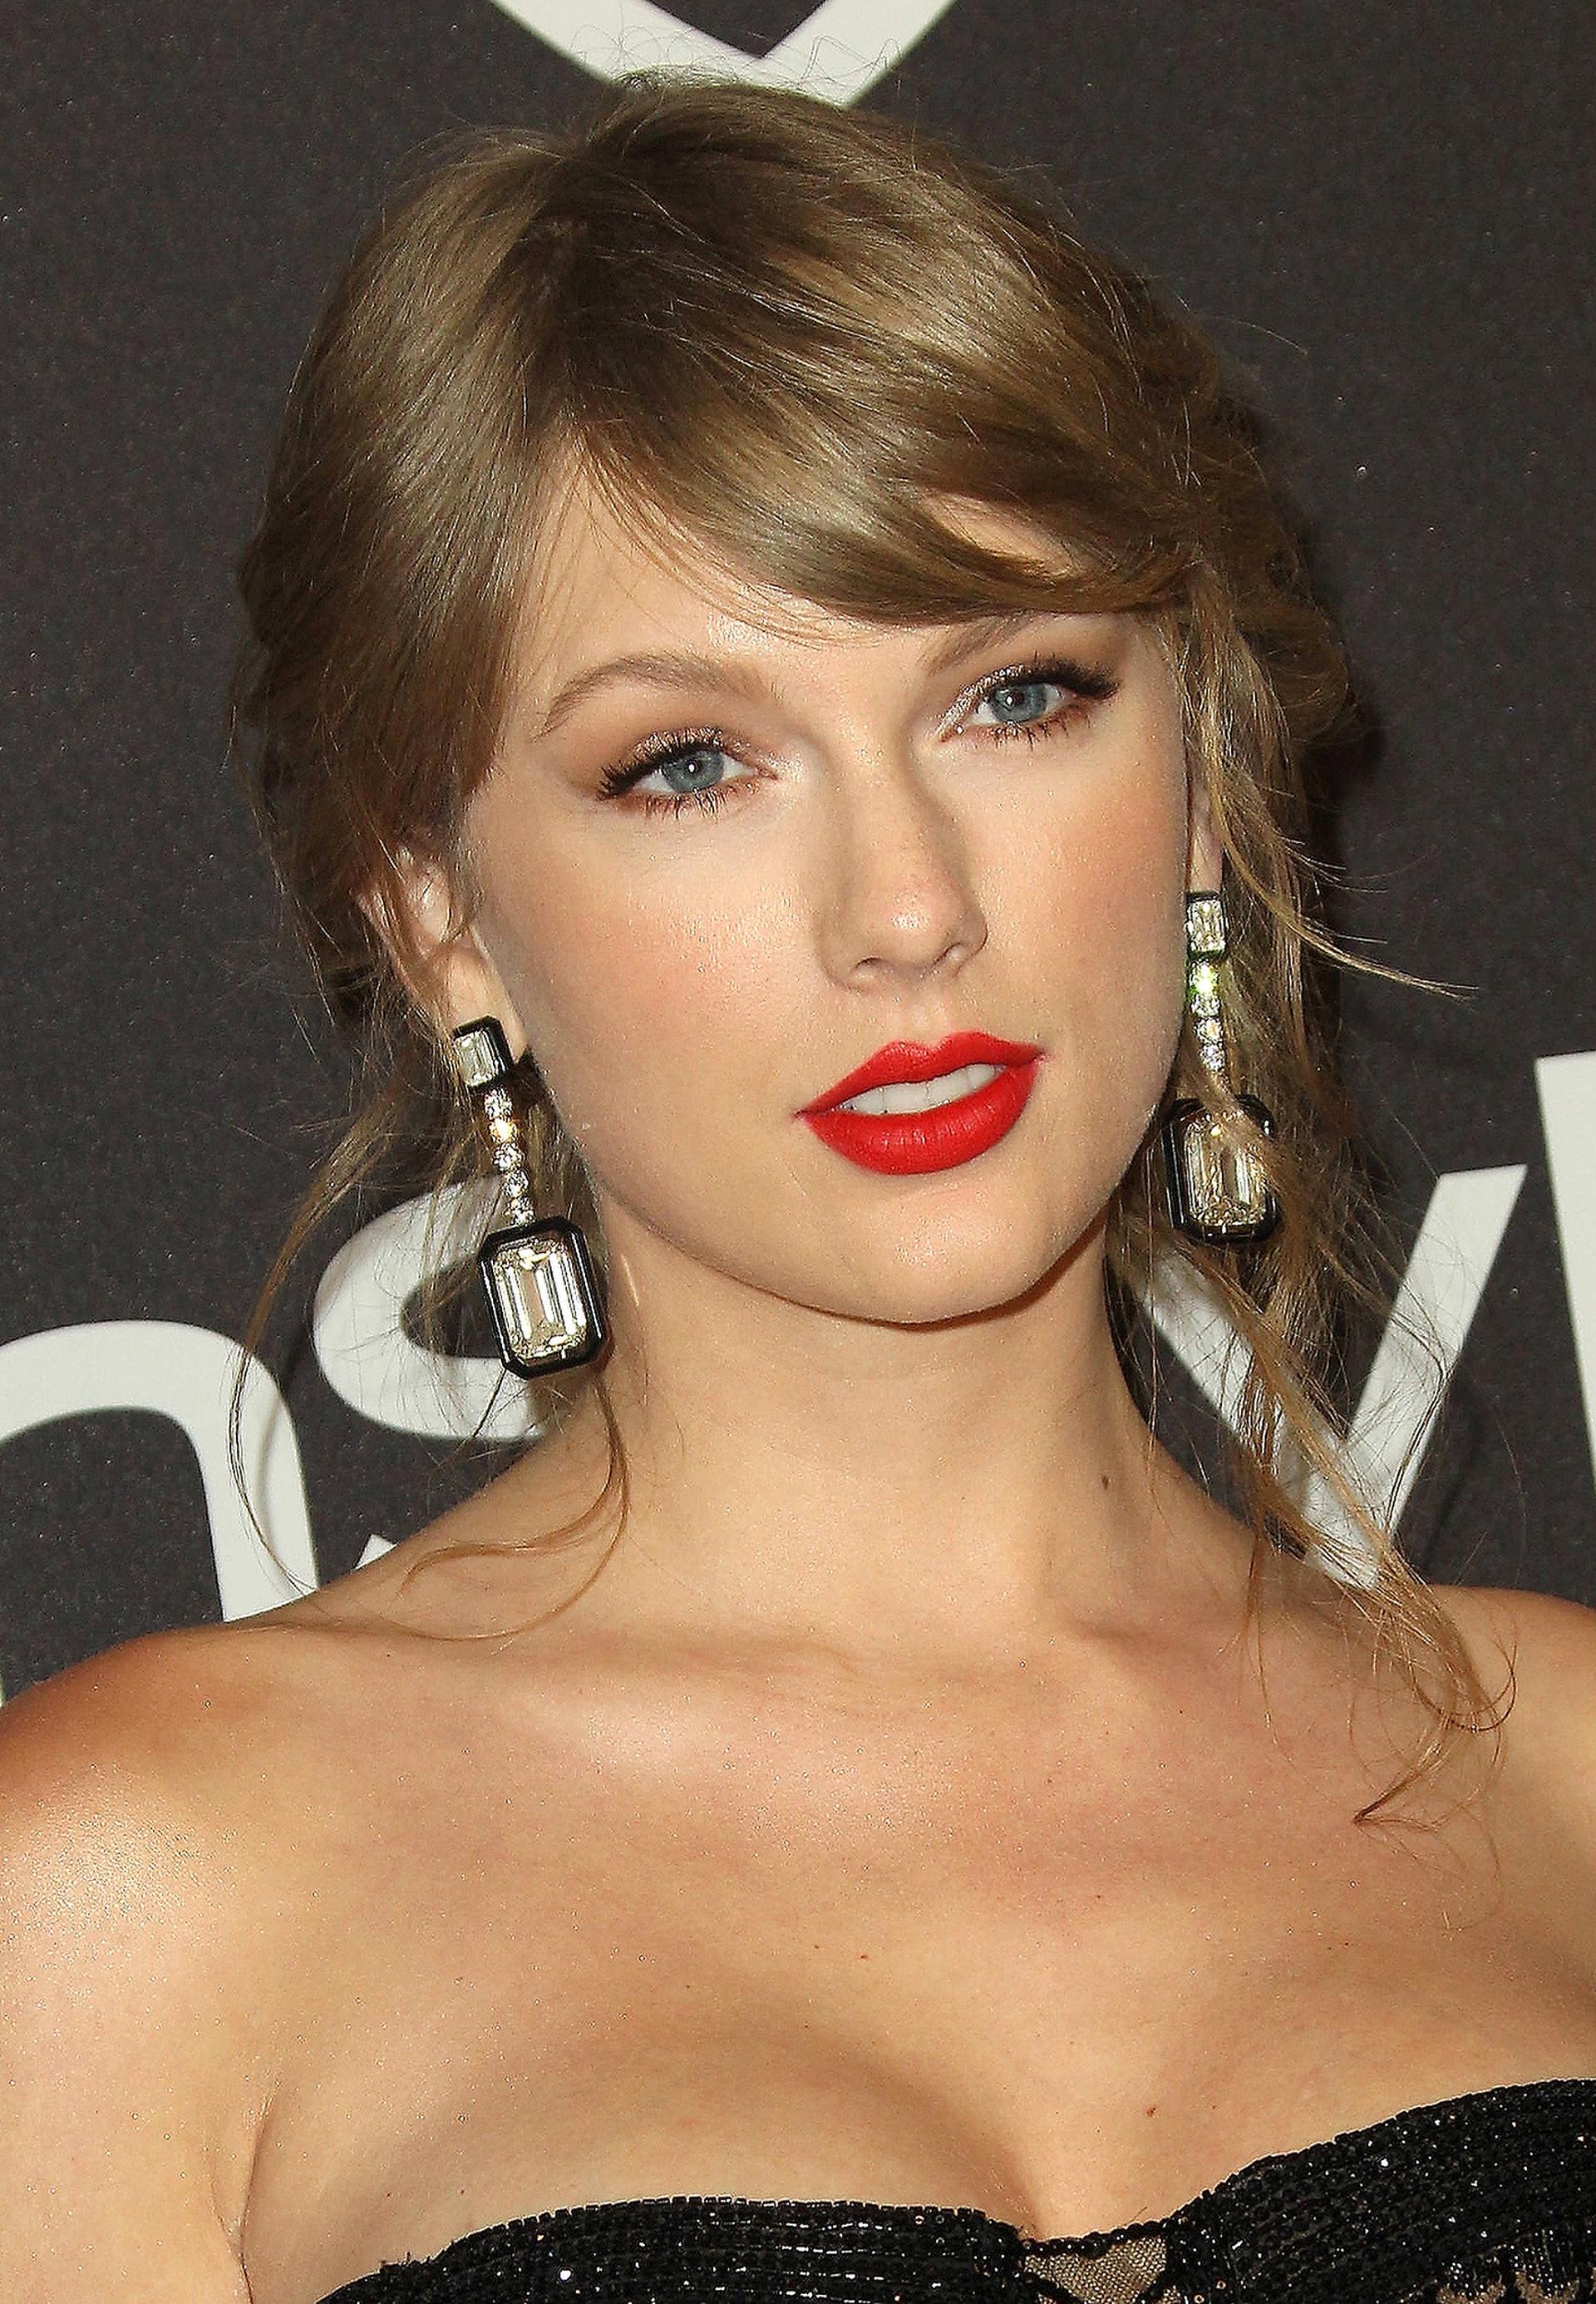 幸福肥Taylor Swift更突顯曲線美。(Getty Images)